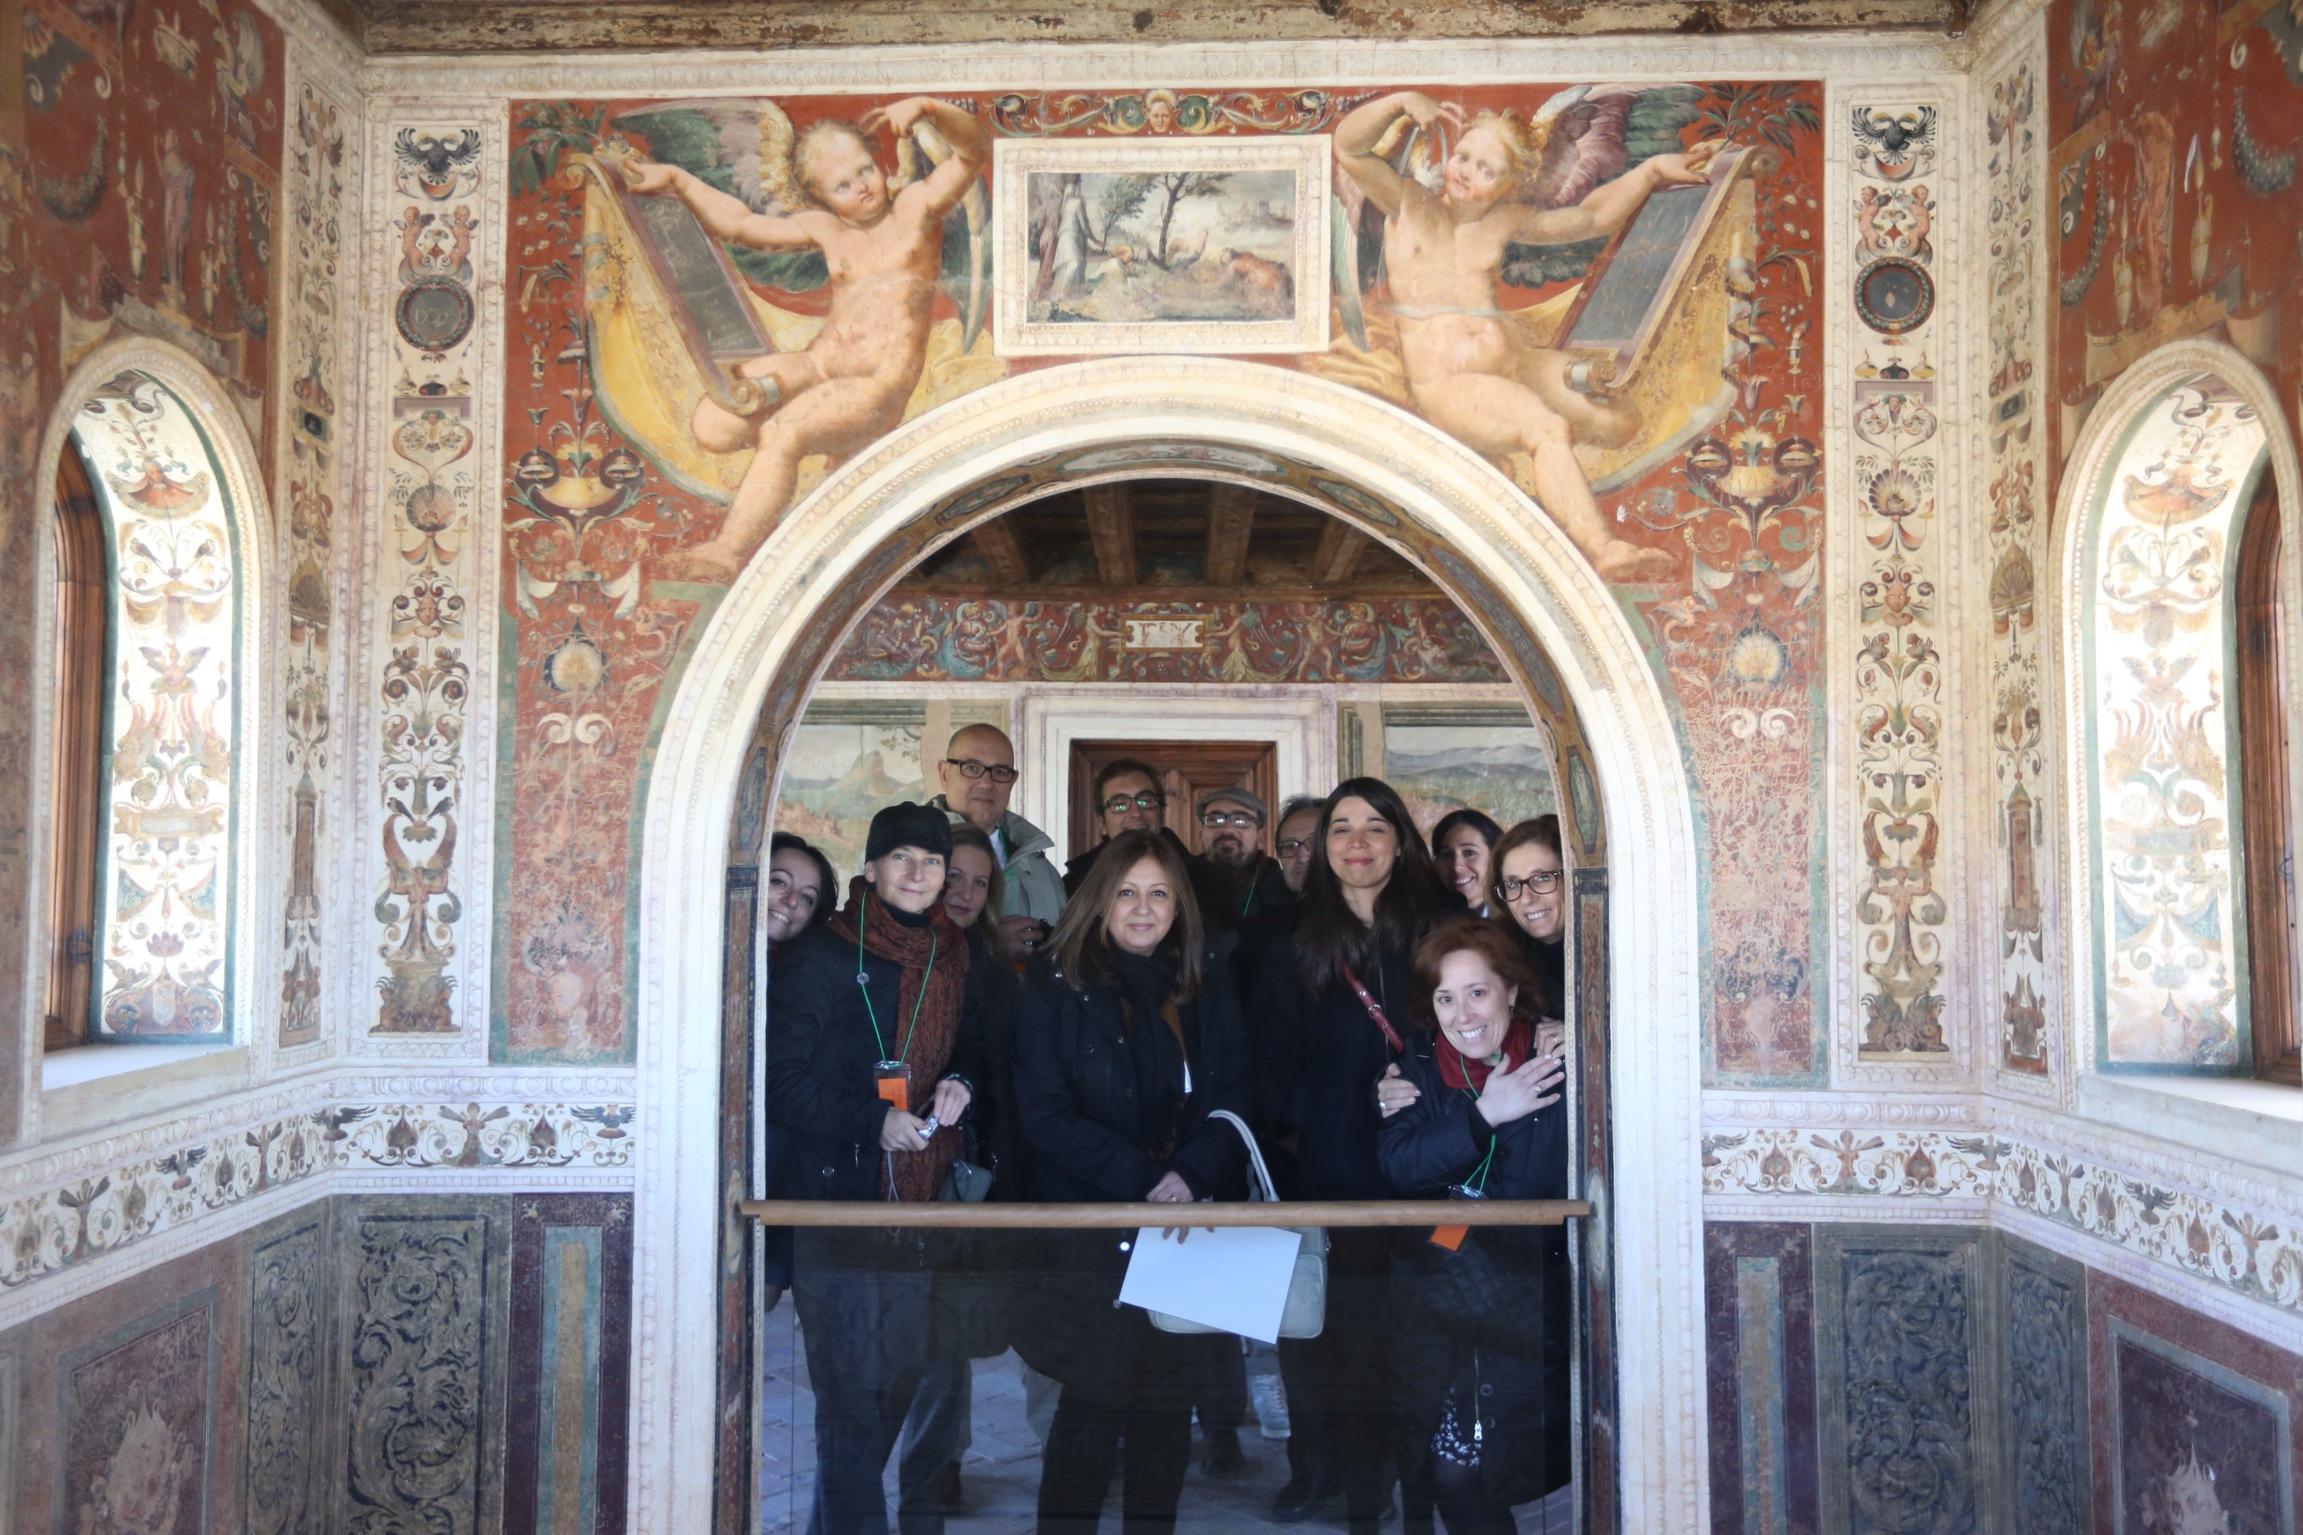 El Nuevo Renacimiento en Europa se da cita en la Alhambra